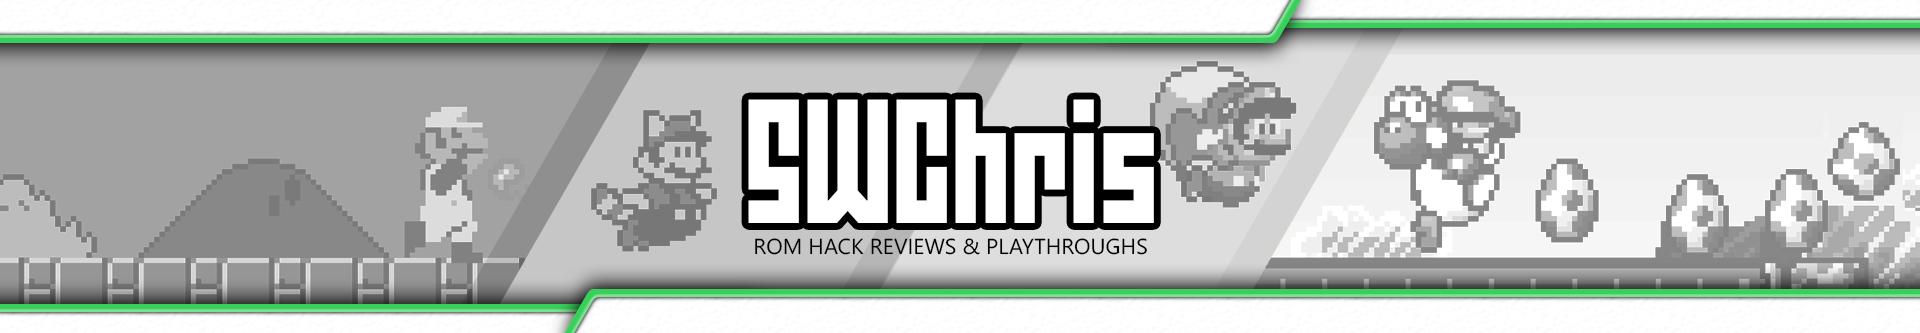 SWChris.com